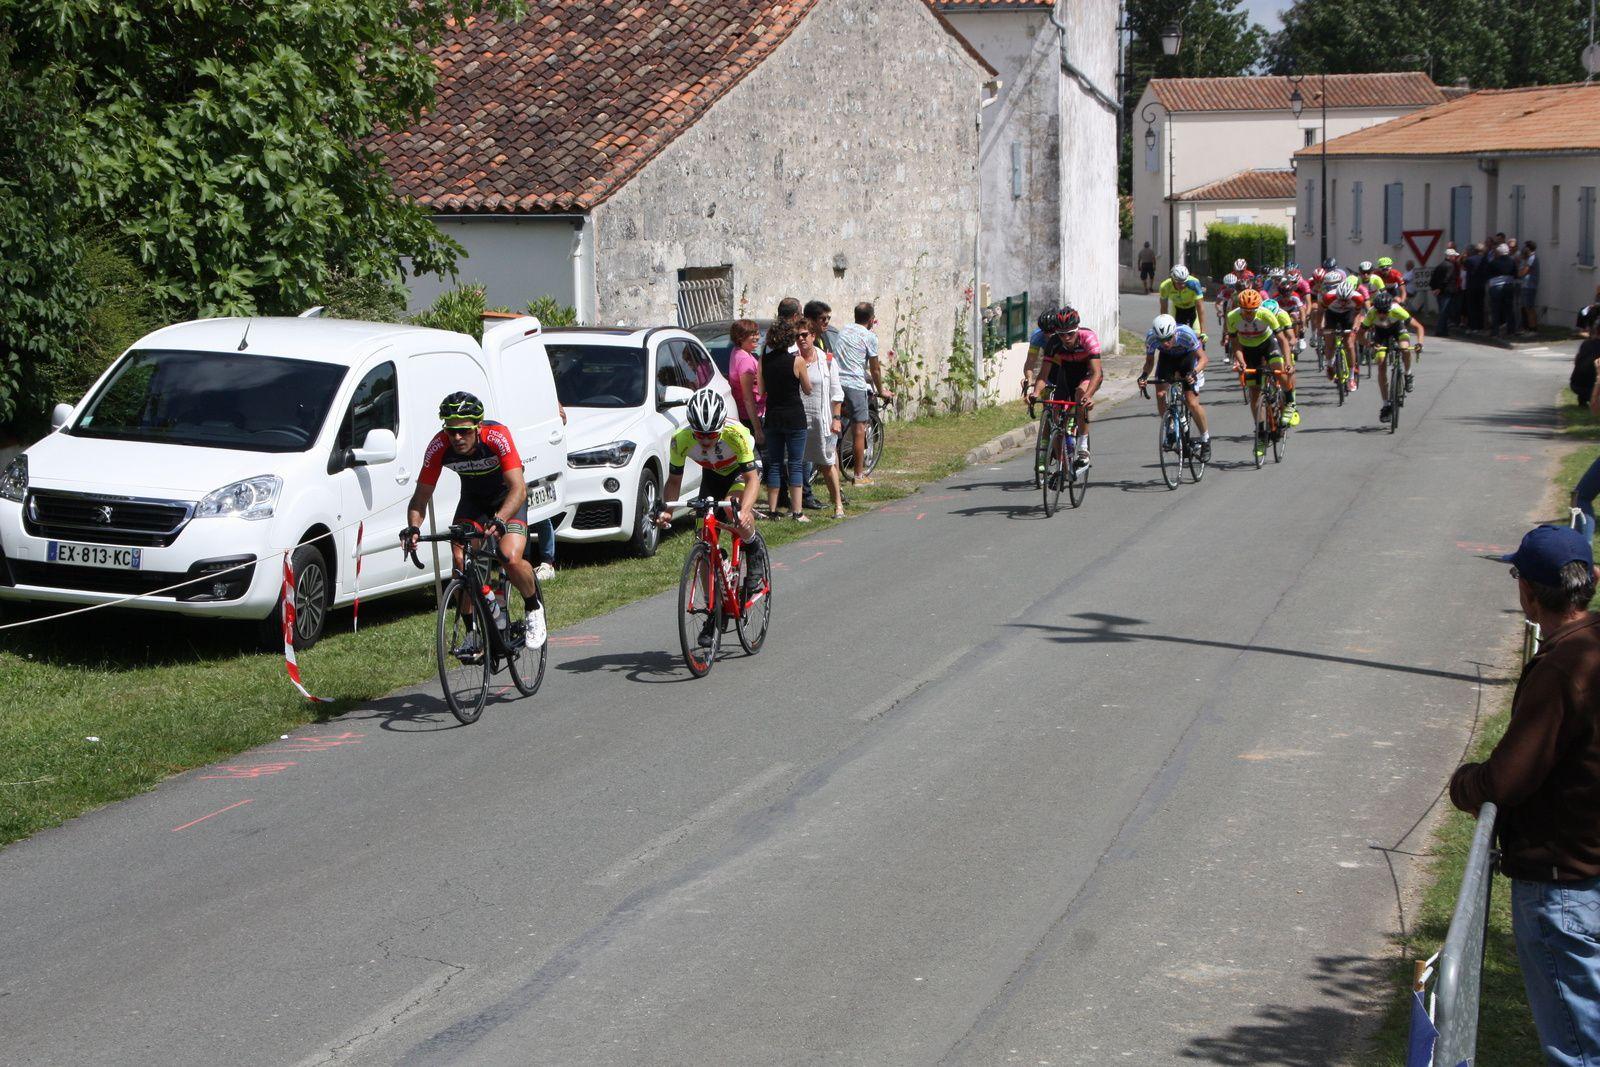 Pierick  GAUTHIER, Stevan  LE GOT, Michaél  DESNOYER  et  Clément  RINJEONNEAU  font  partie  de  ce  groupe  de  tête